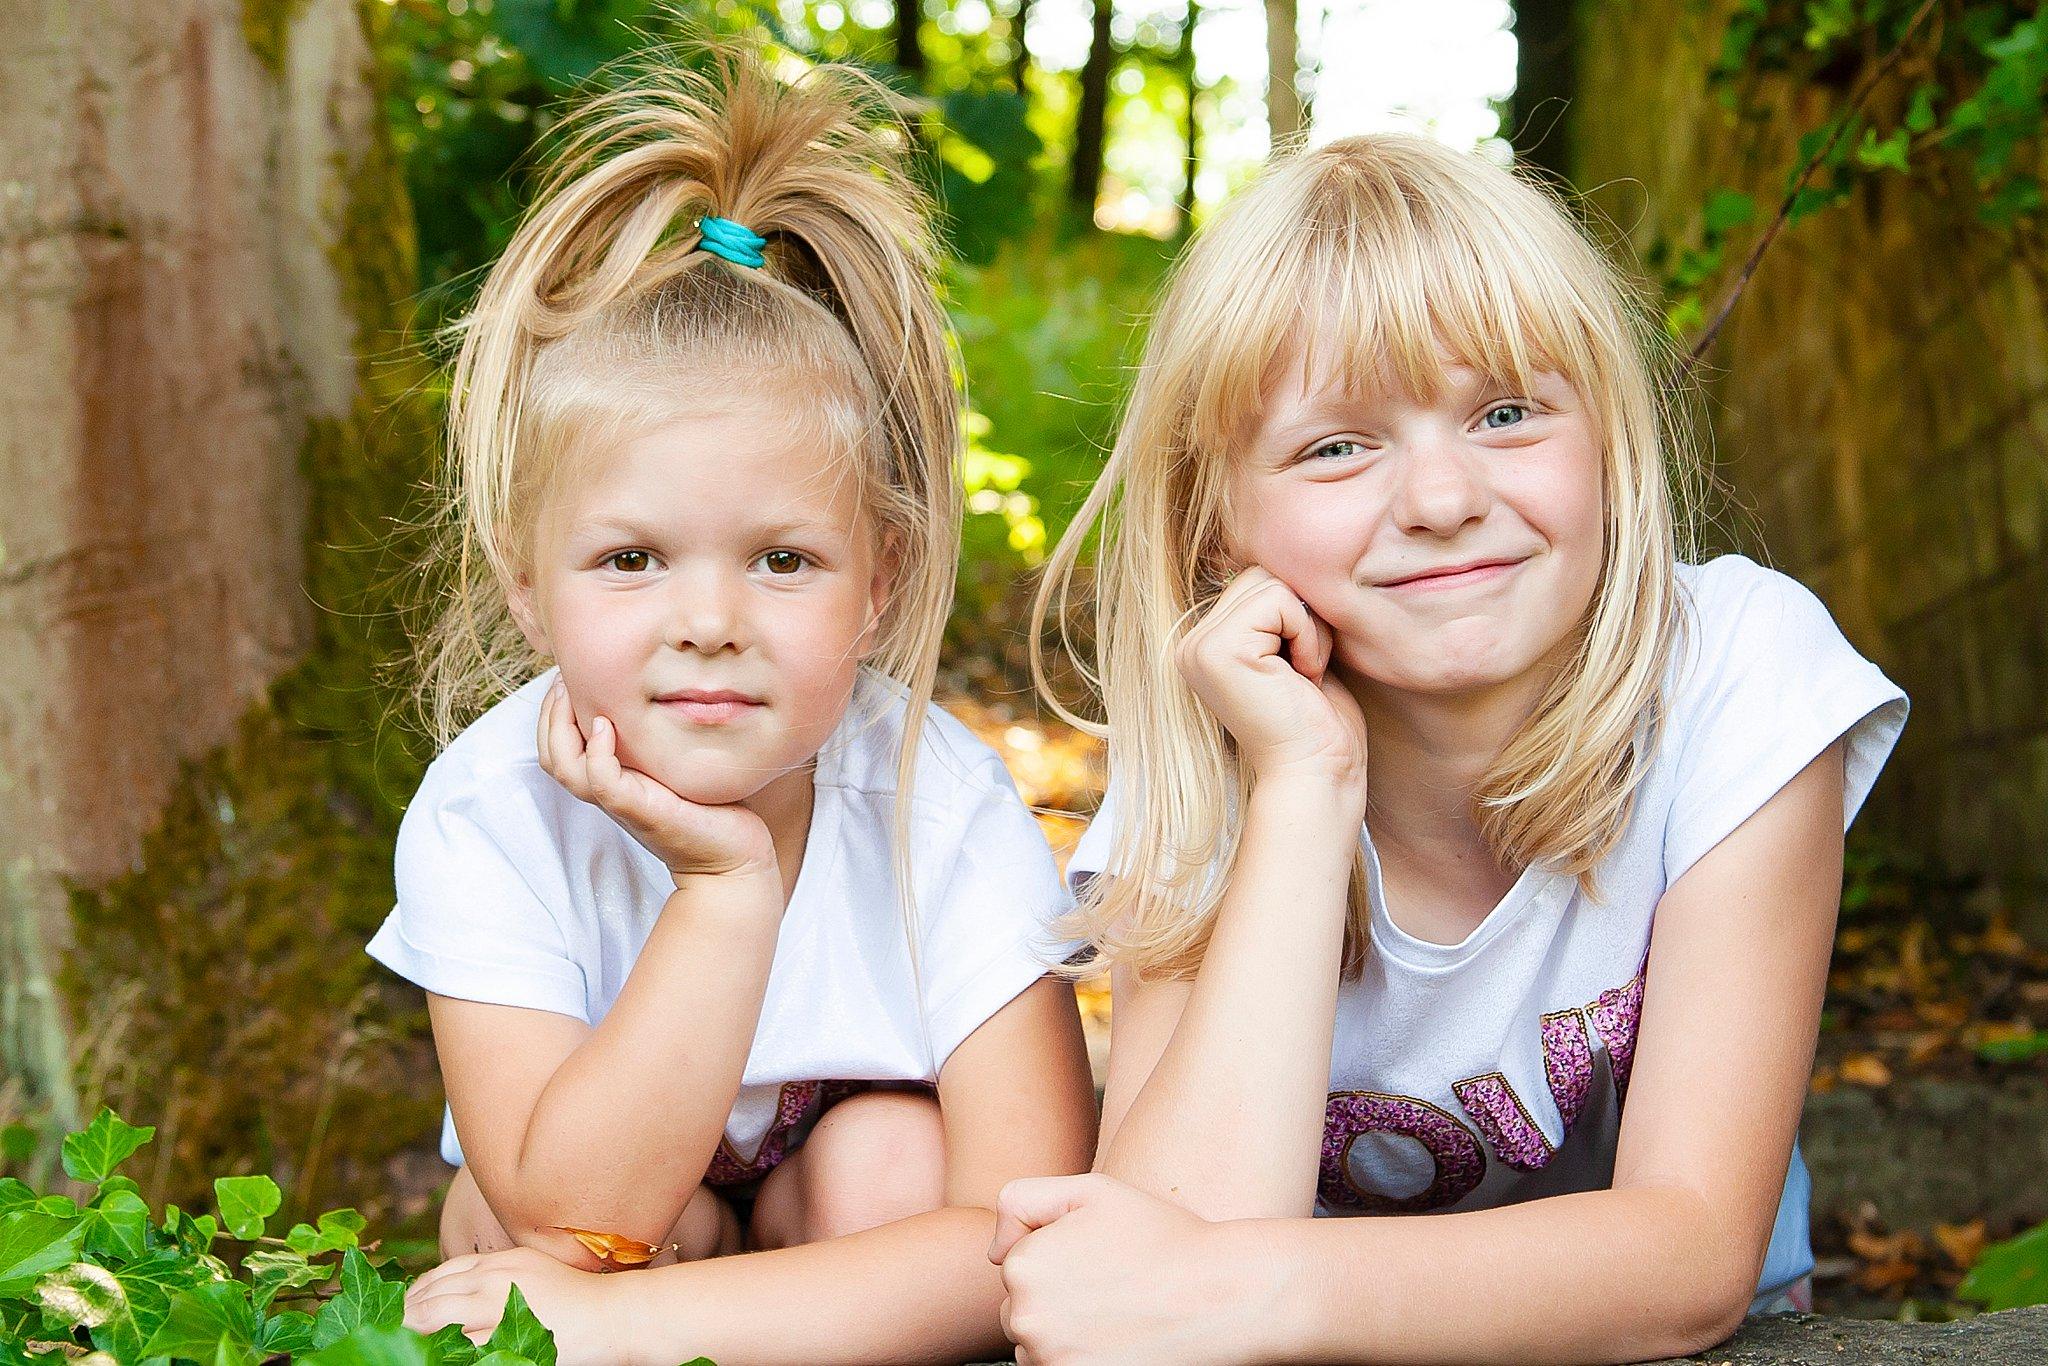 Family_portraits_Family_photographer_family_photography>out_door_photo_shhoots_family_photo_shoots_photographers_near_me Sarah_bee_photography_1311.jpg